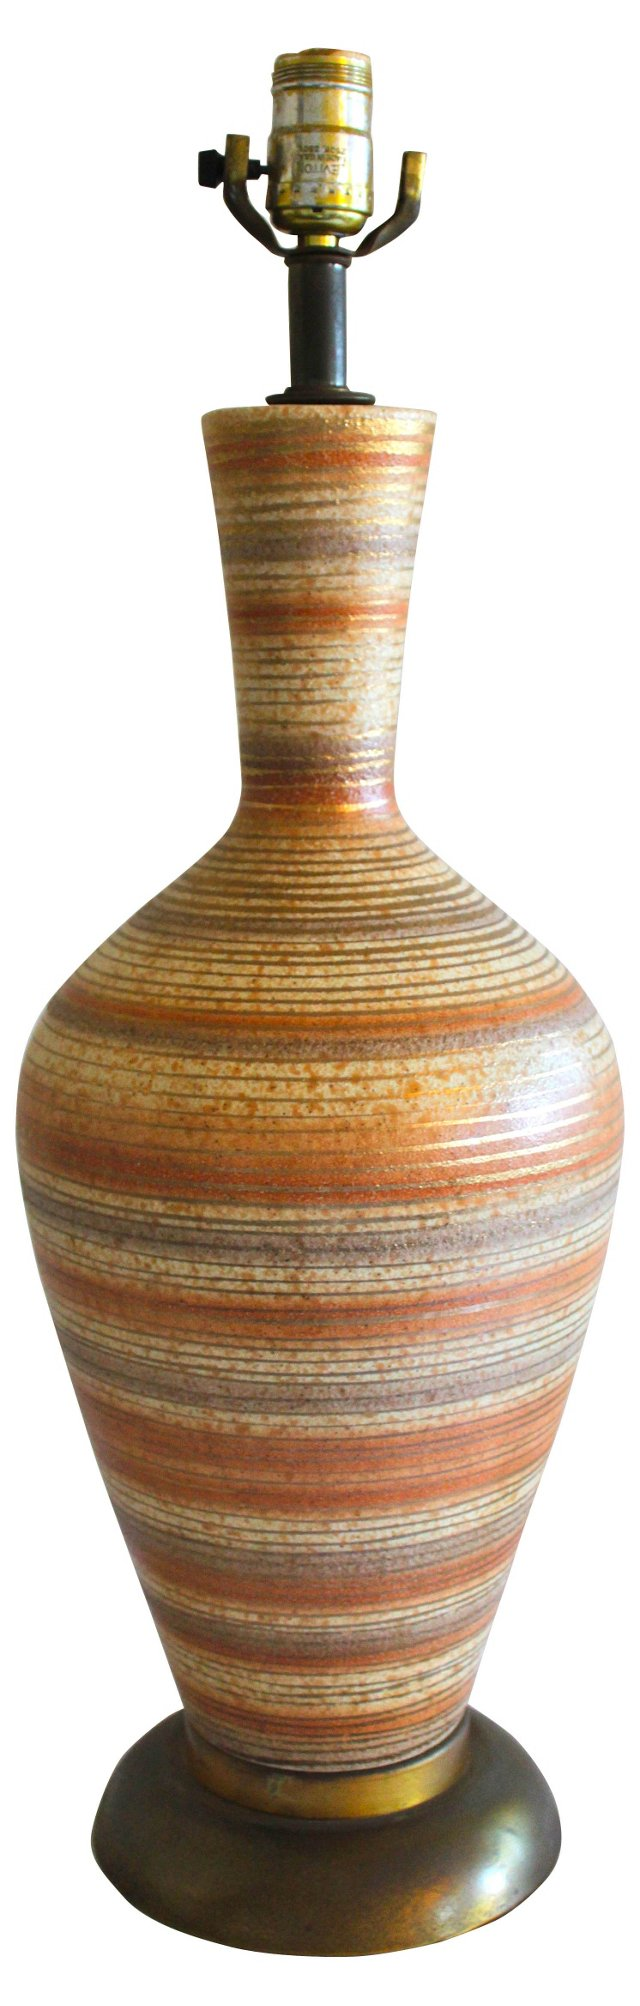 Midcentury Striped Ceramic Lamp